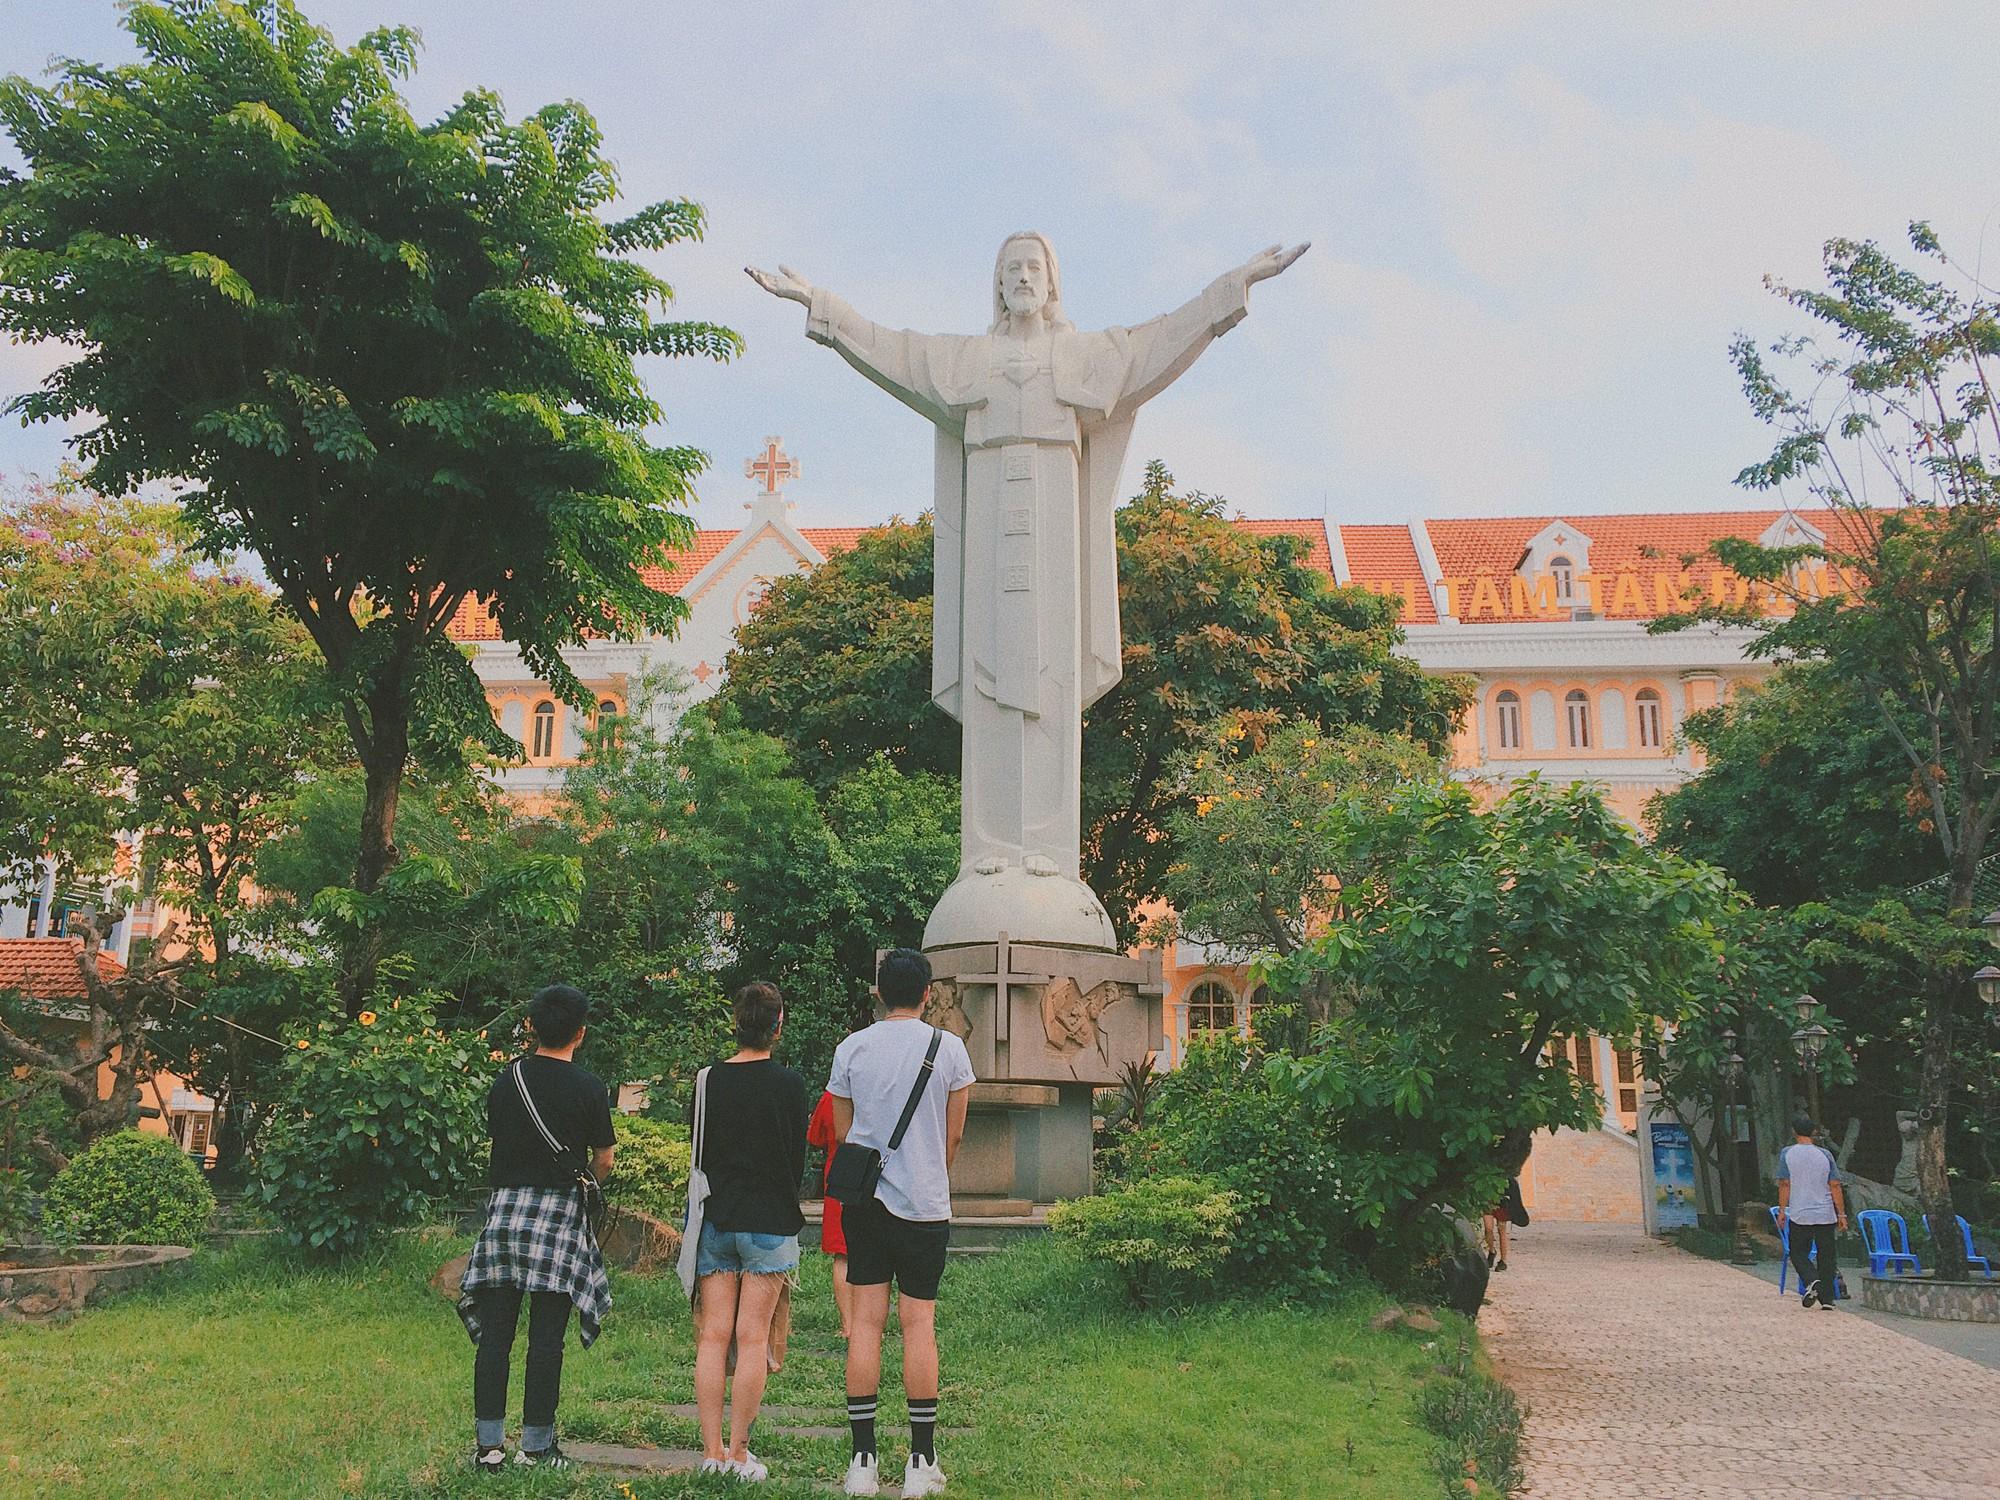 Vẻ đẹp của nhà thờ màu hồng nằm giữa lòng Sài Gòn khiến du khách mê mẩn - Ảnh 4.